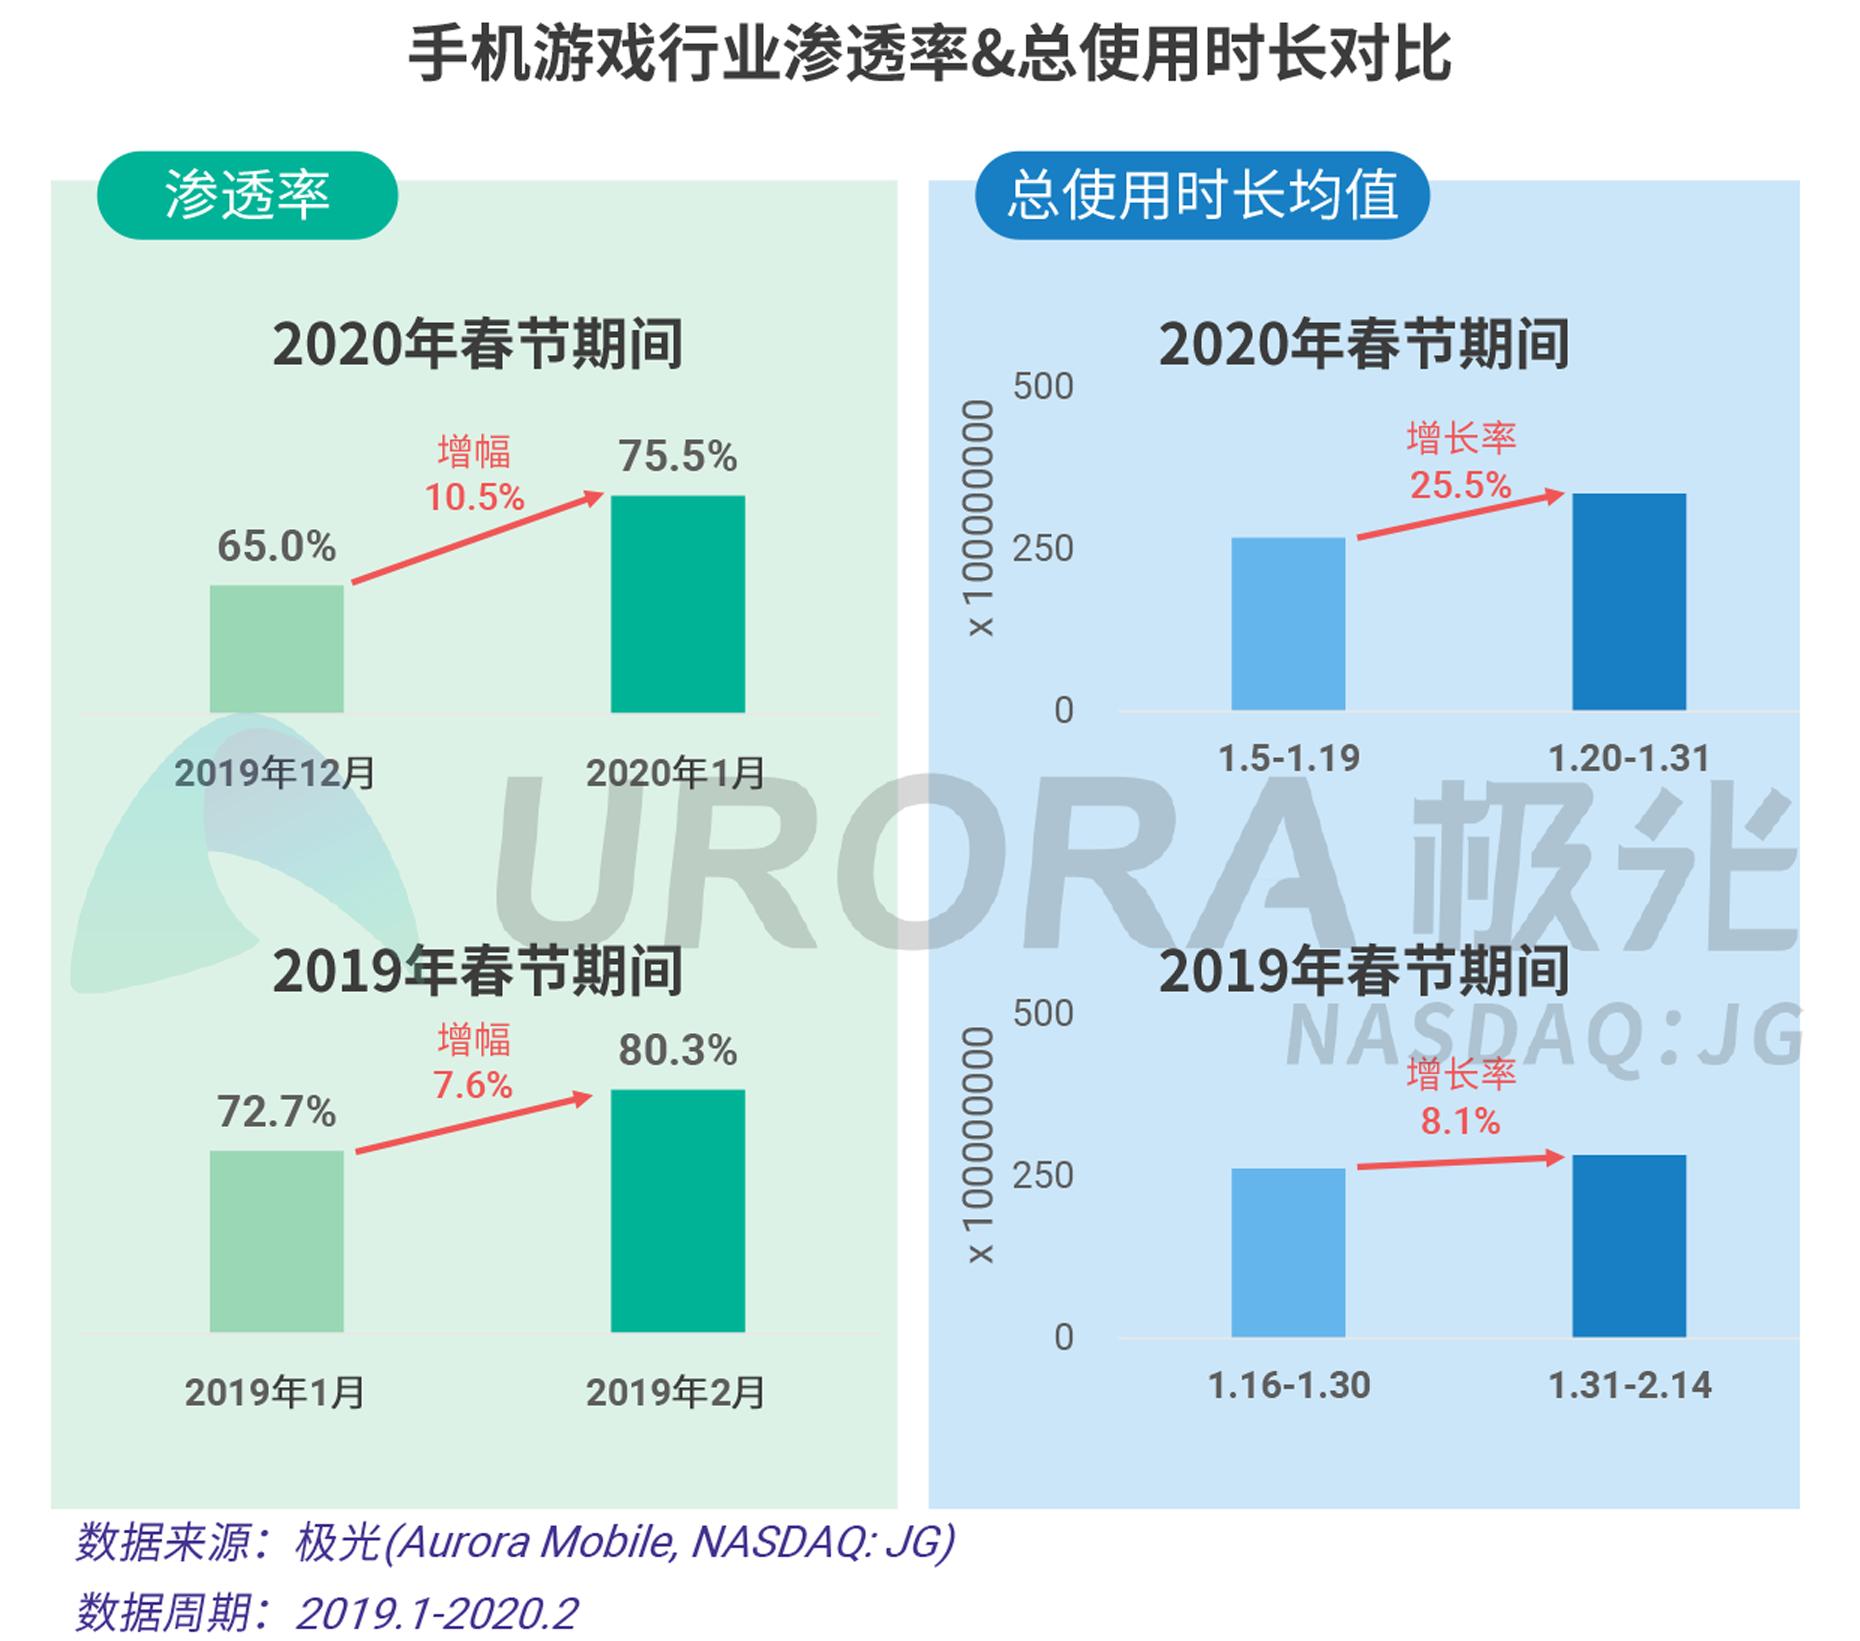 2020年春节移动互联行业热点观察V20-11.png